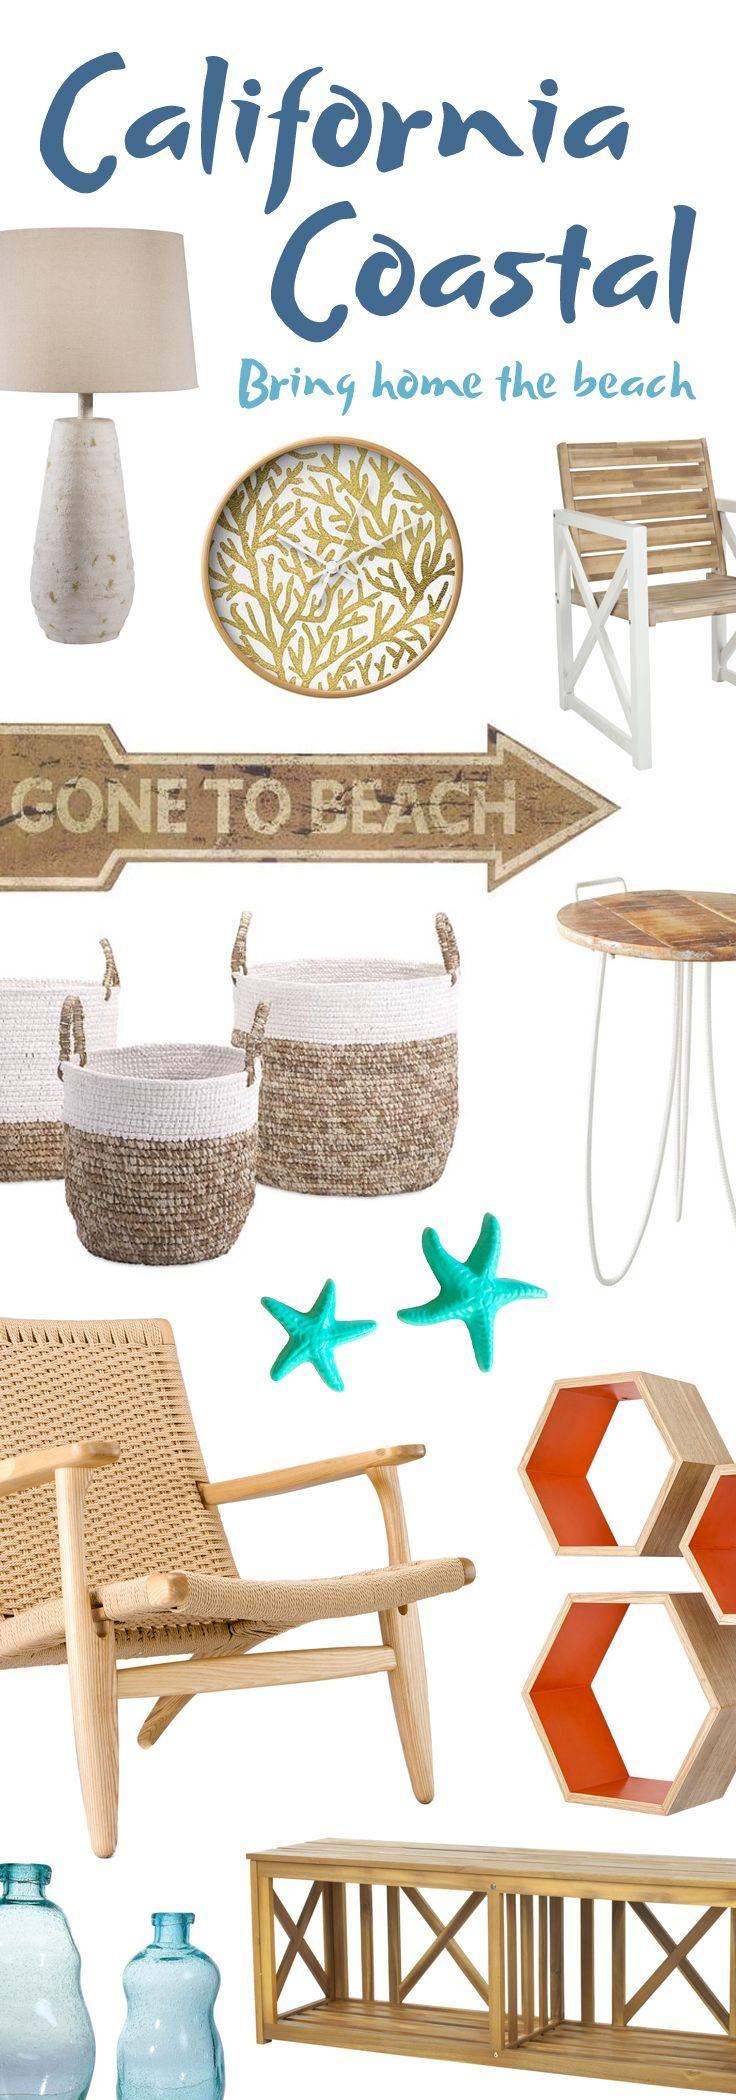 California Coastal Furniture U0026 Décor | Up To 60% Off At Dotandbo.com DIY